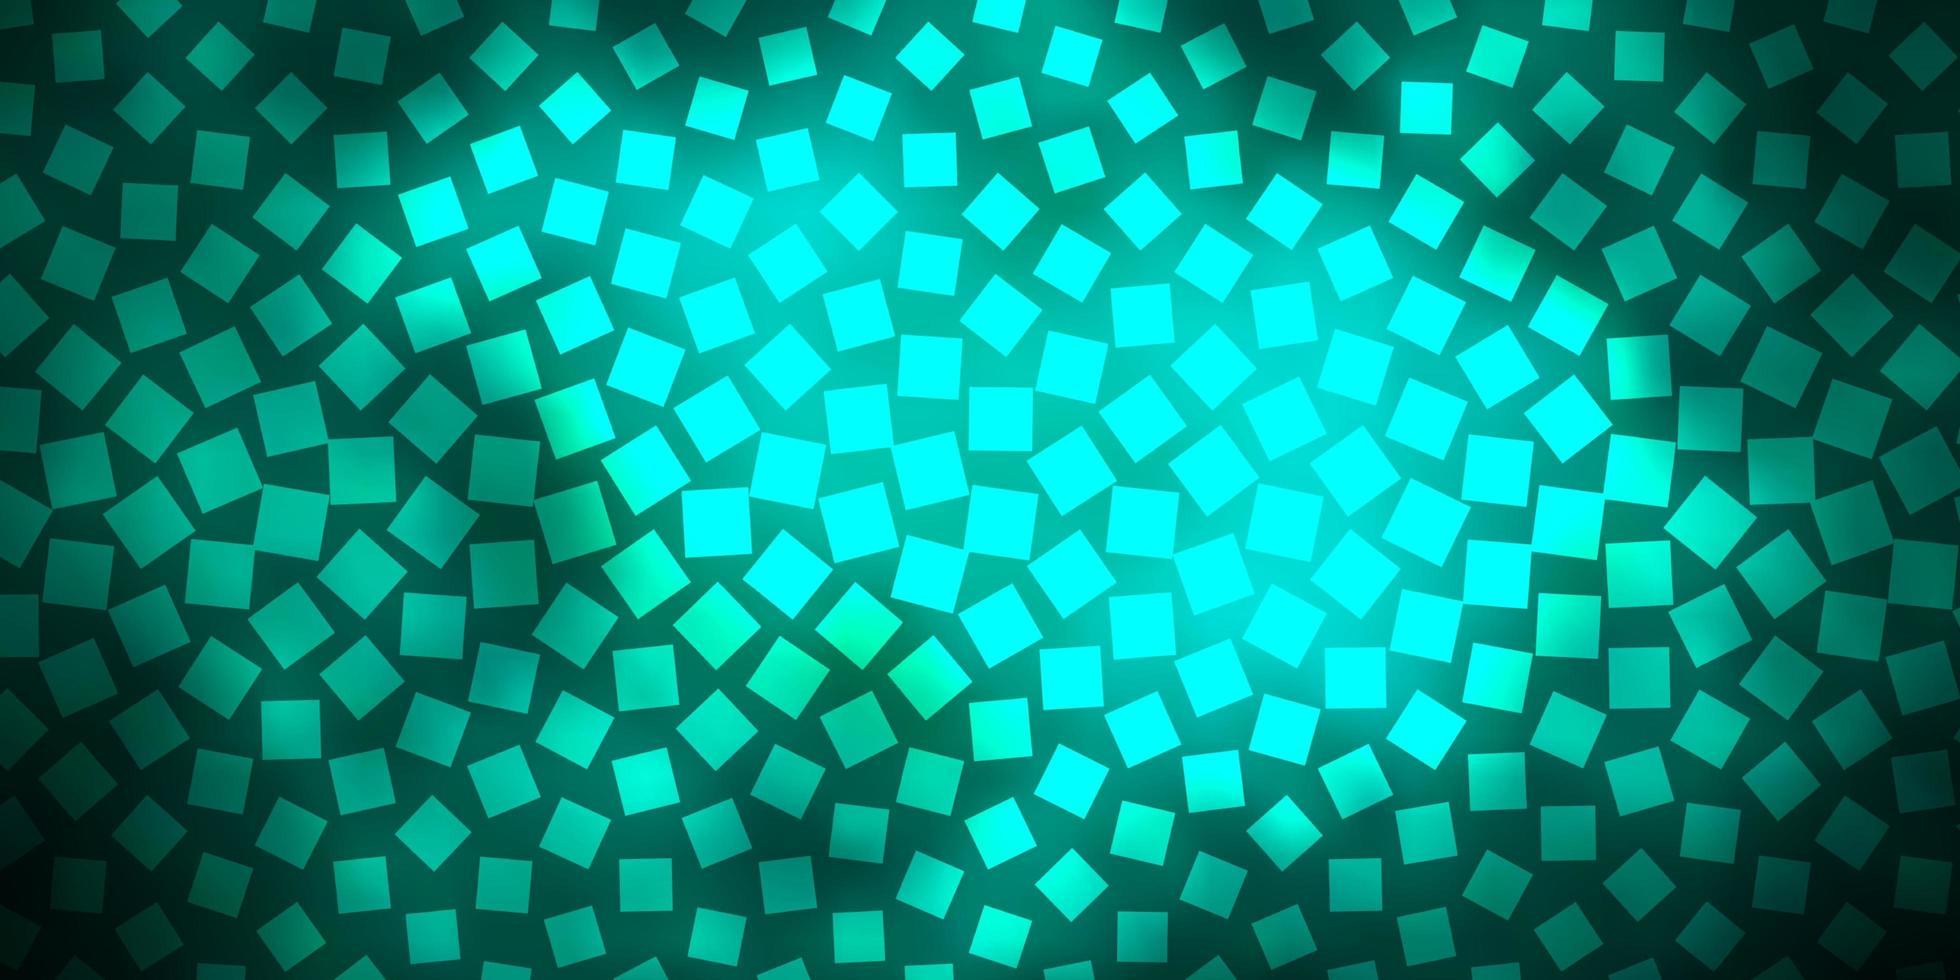 mörkgrön vektorlayout med linjer, rektanglar. vektor